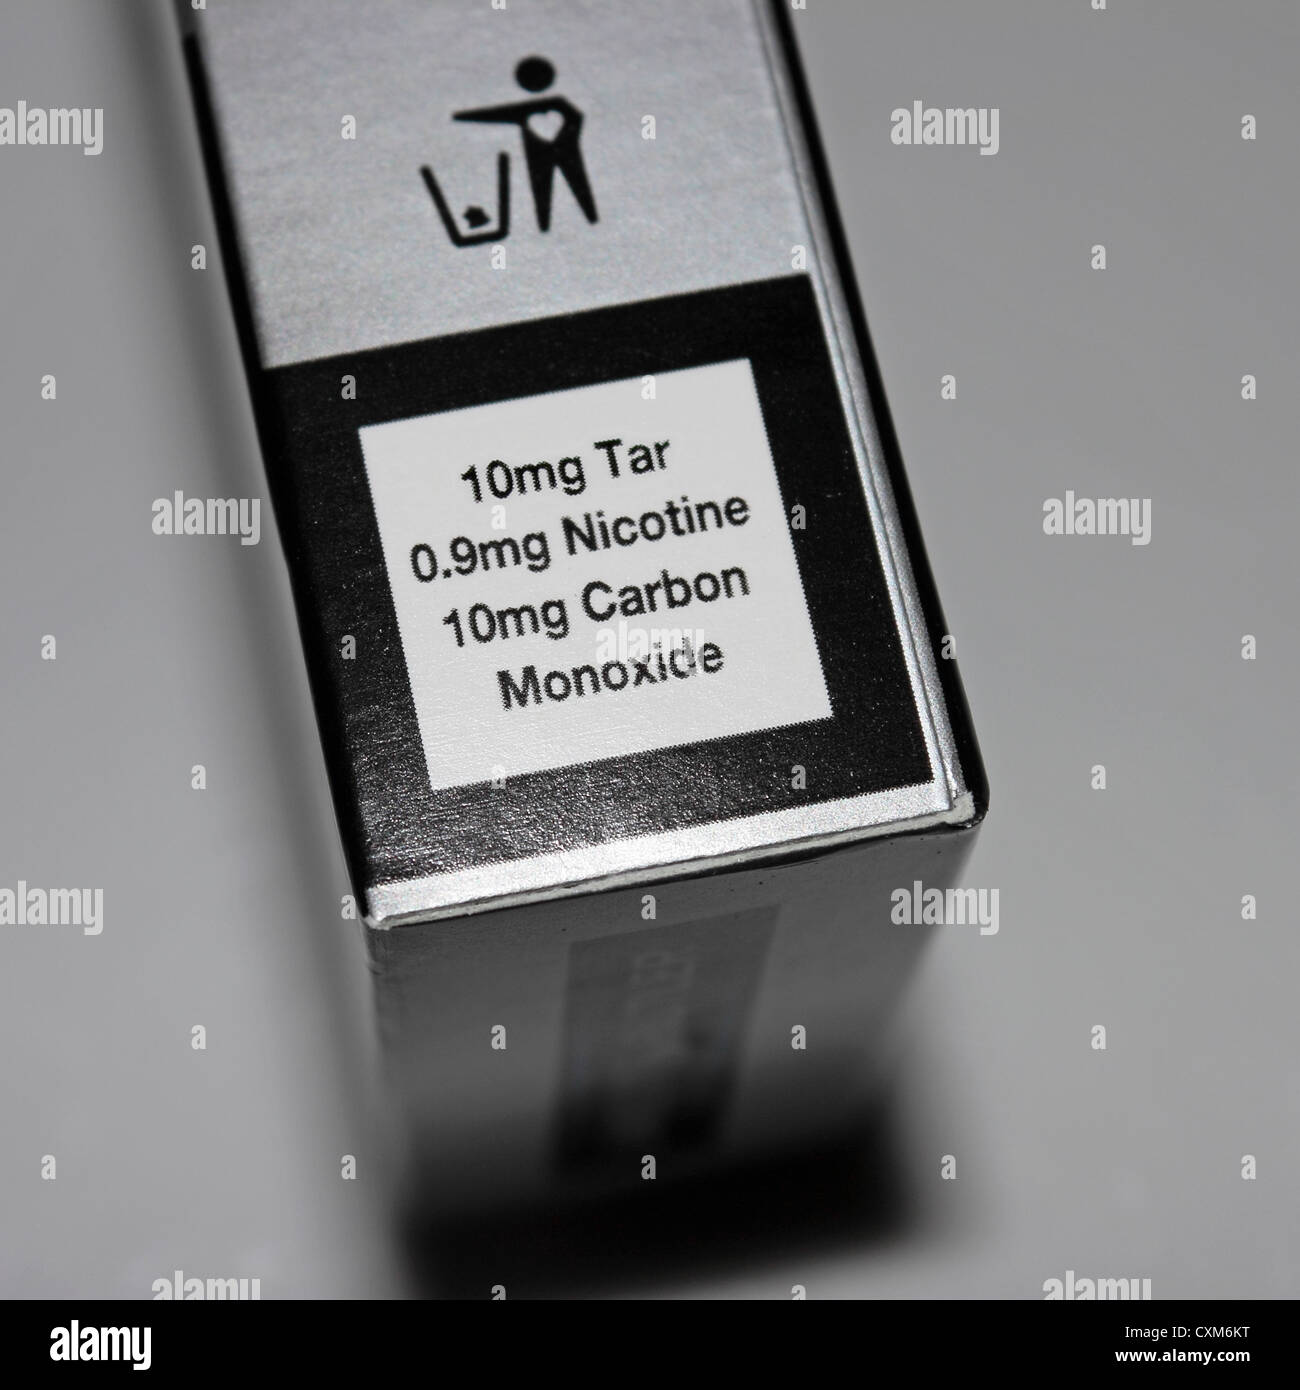 Pacchetto di sigarette contenuto informazioni 10mg di catrame e di nicotina 0.9mg, 10mg di monossido di carbonio Immagini Stock